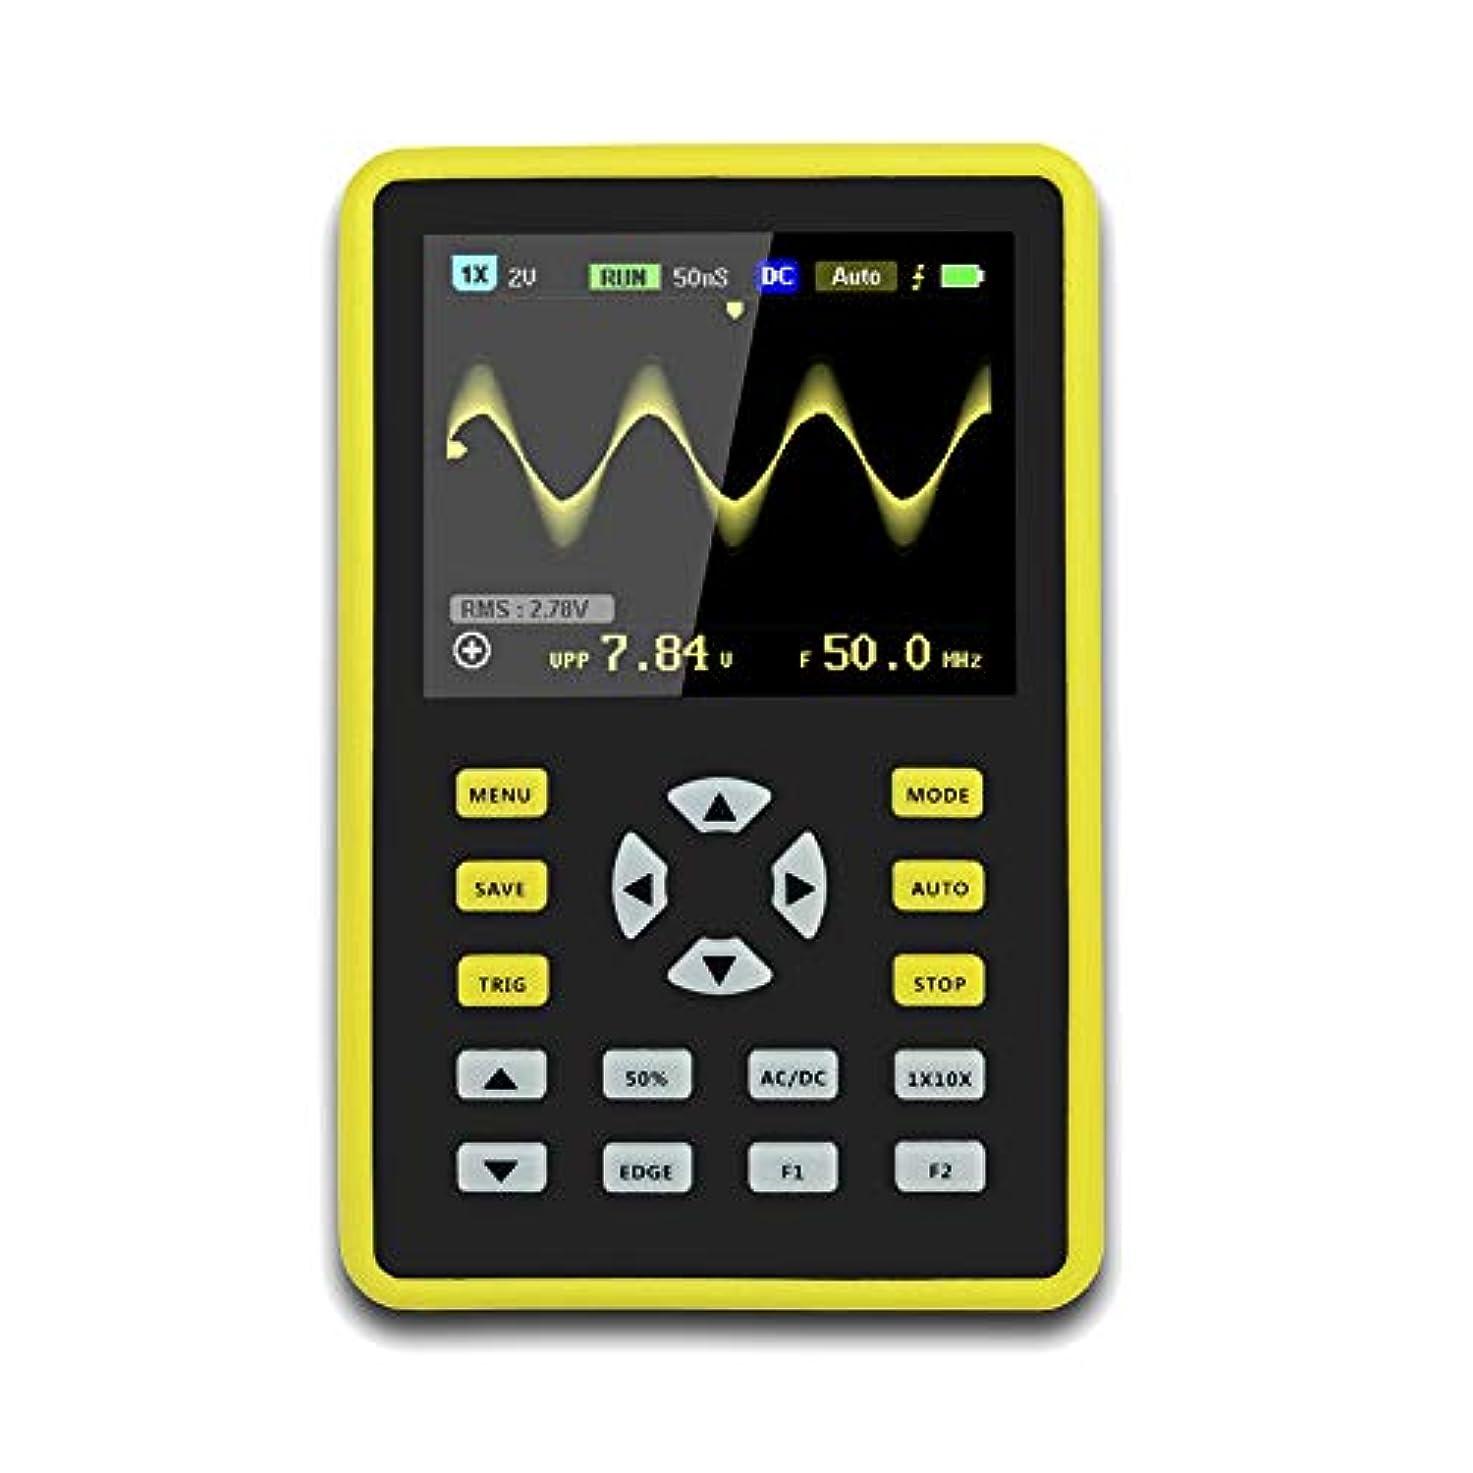 マンモス強度識別CoolTack  手持ち型デジタル小型オシロスコープ2.4インチ500 MS/s IPS LCD表示スクリーンの携帯用